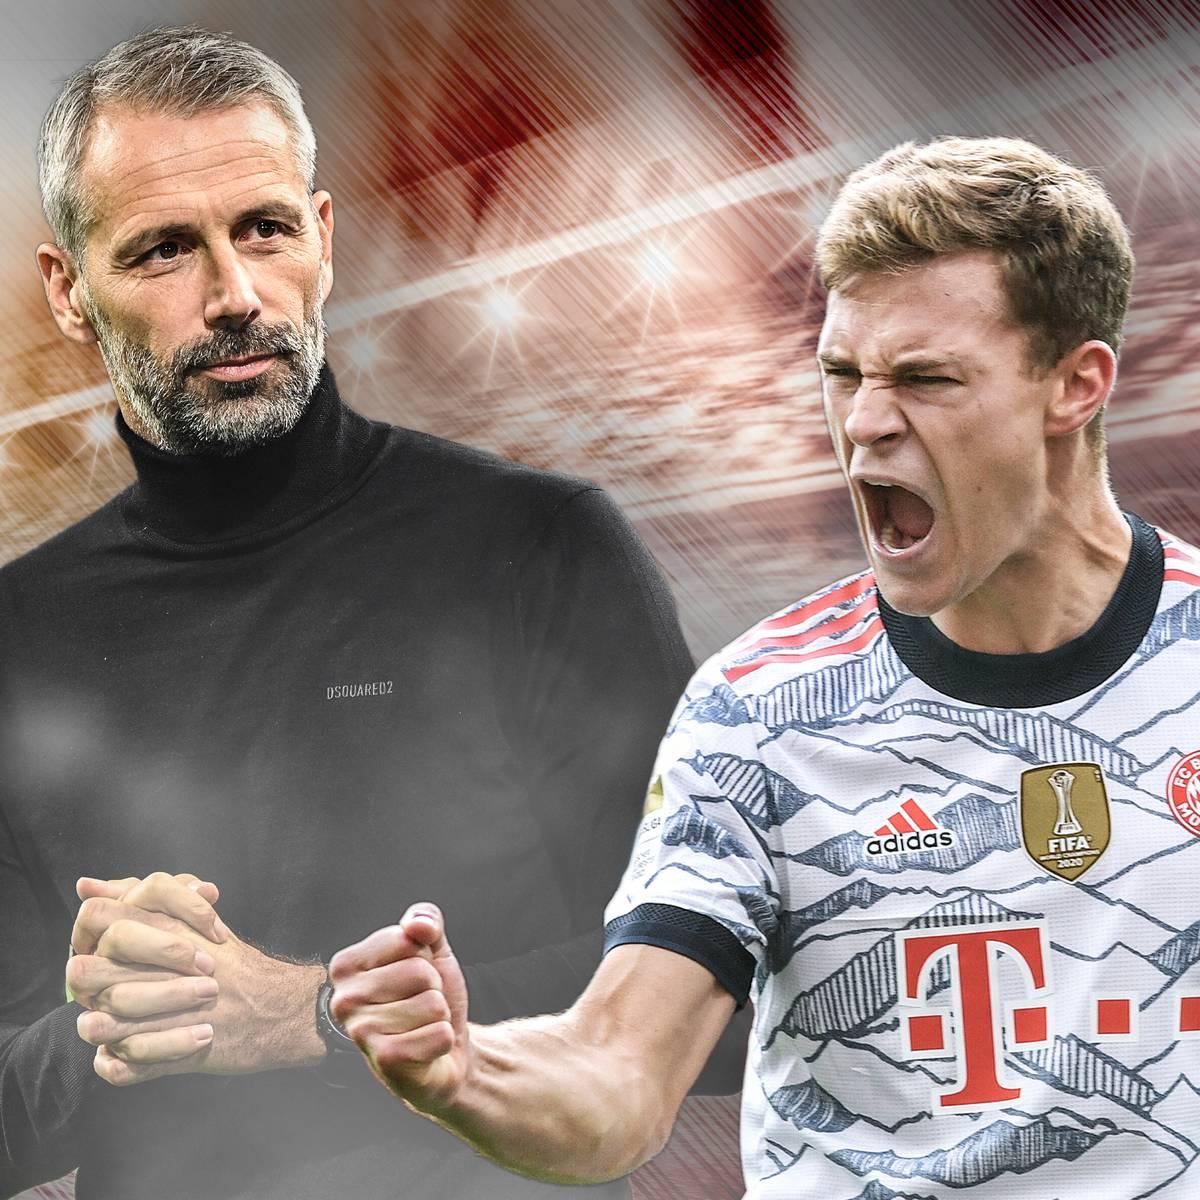 Kimmich als Vorbild aber: Ist die Dortmunder Mentalitätsfrage nicht Trainersache?